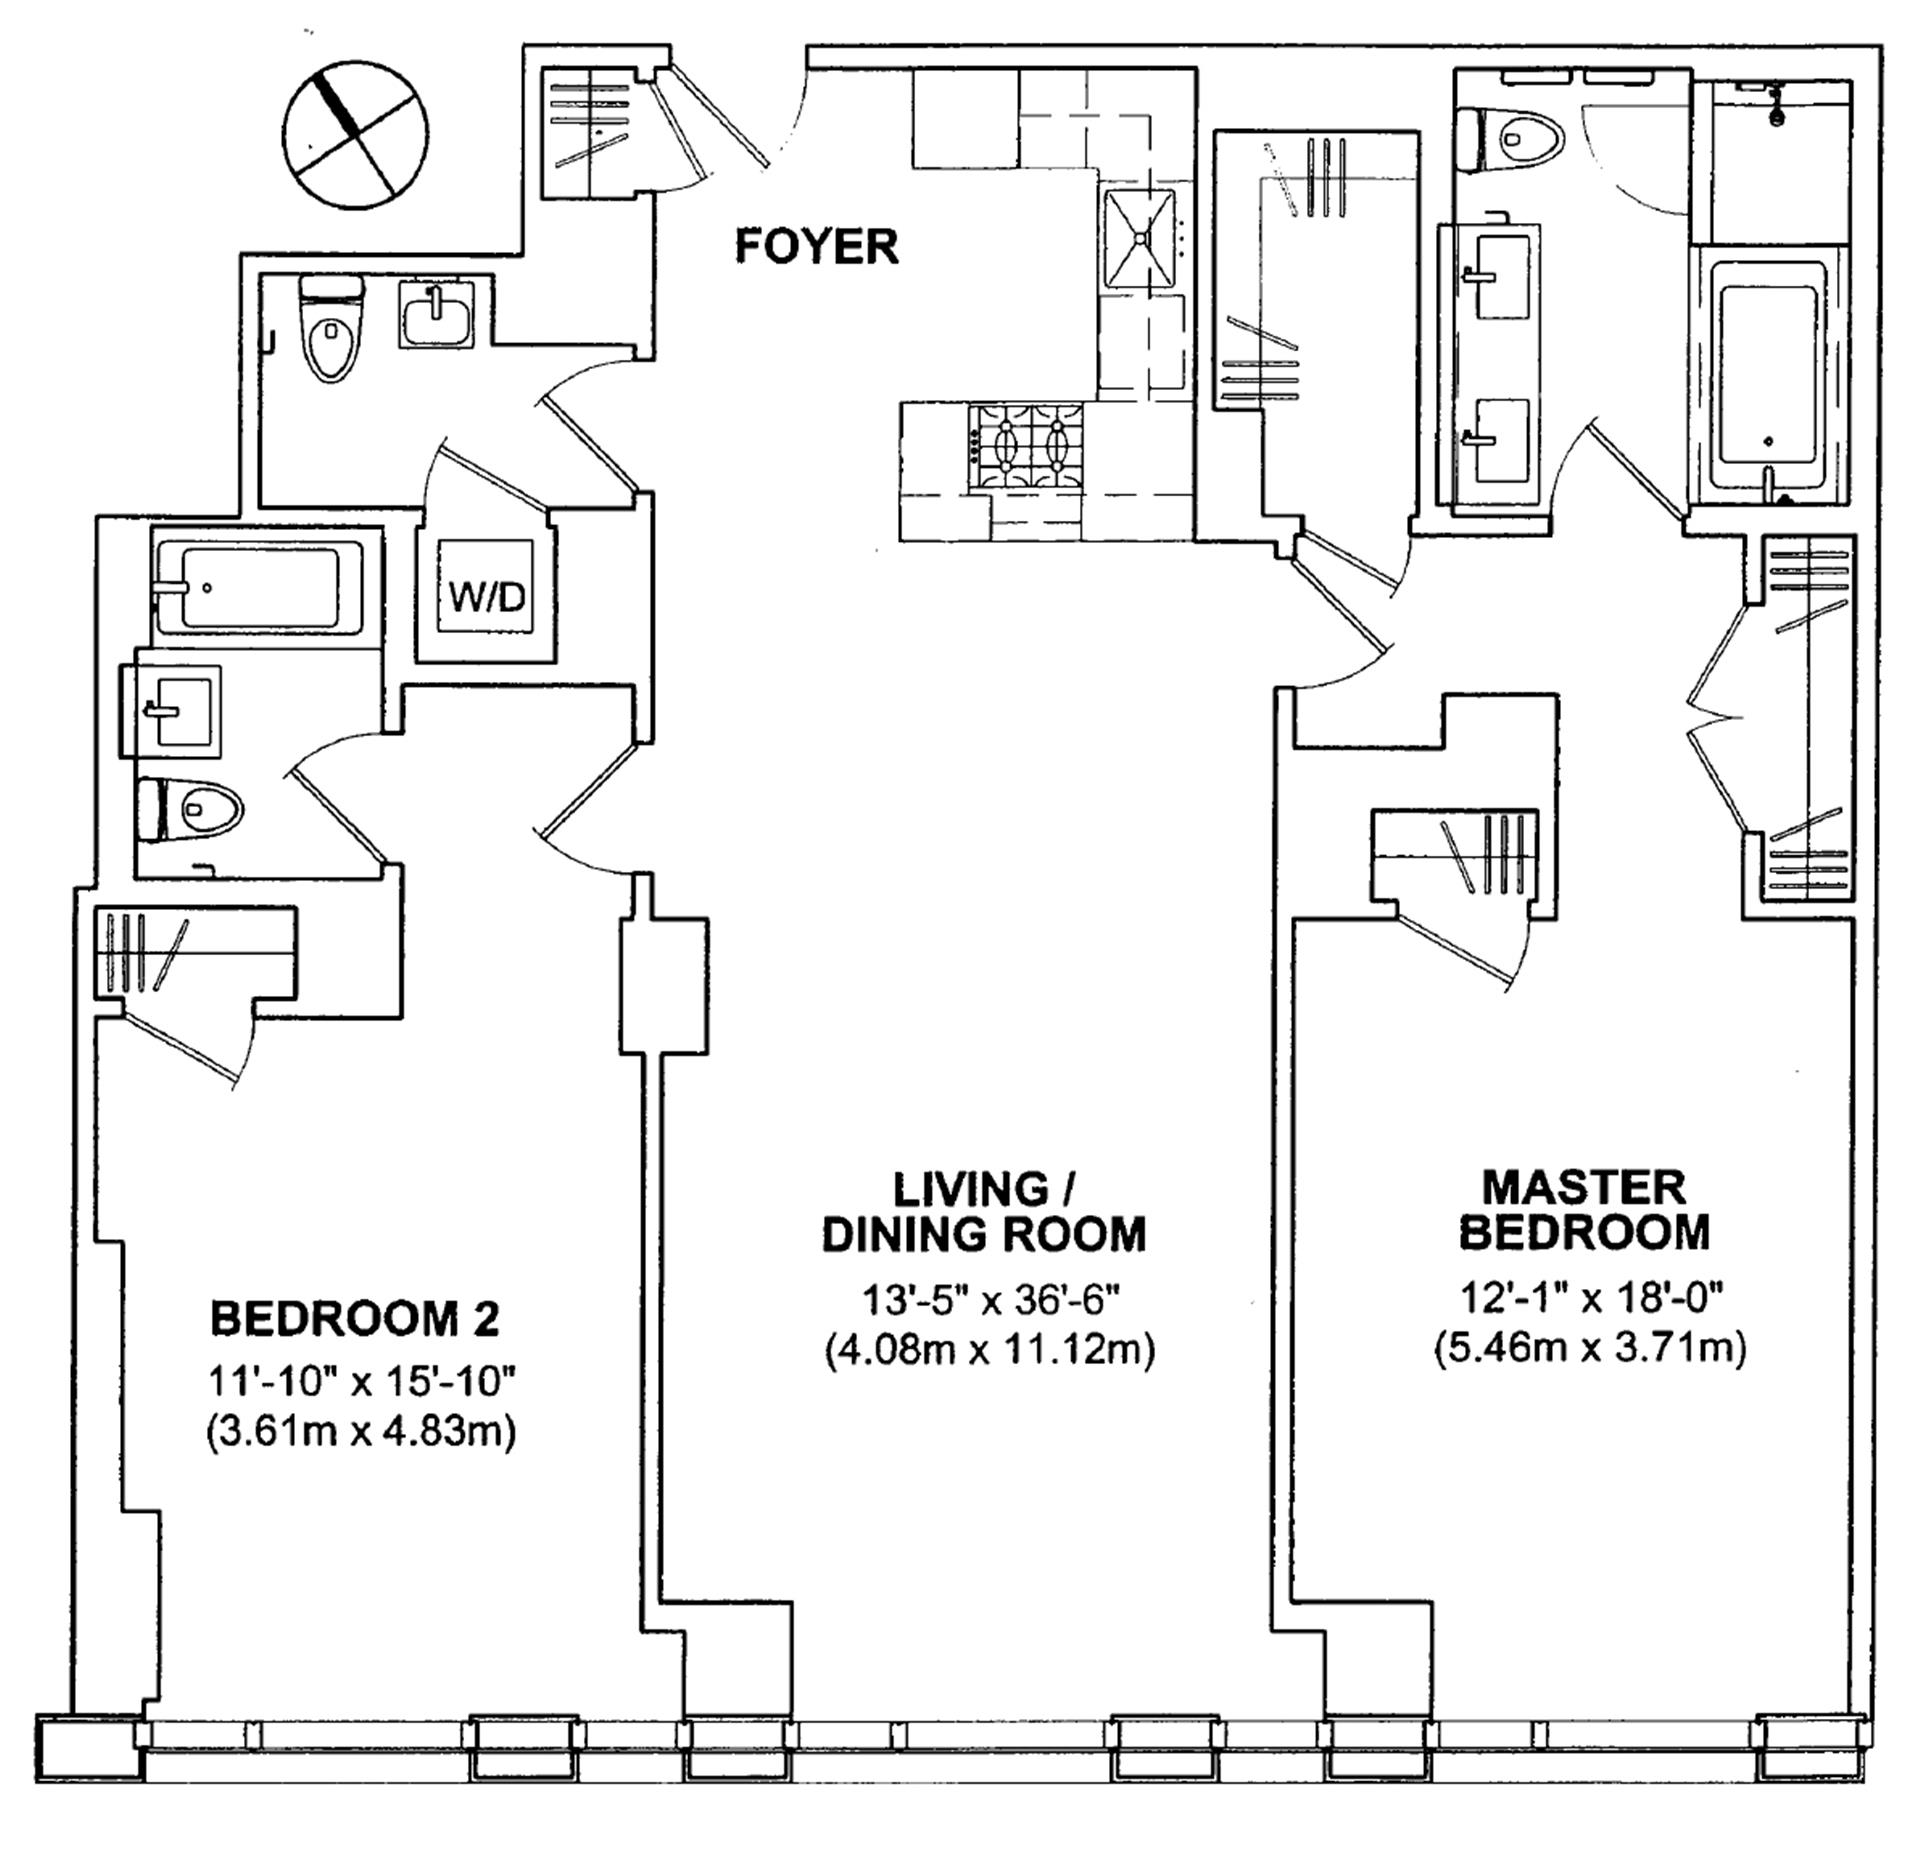 Floor plan of 101 Warren Street, 1280 - TriBeCa, New York